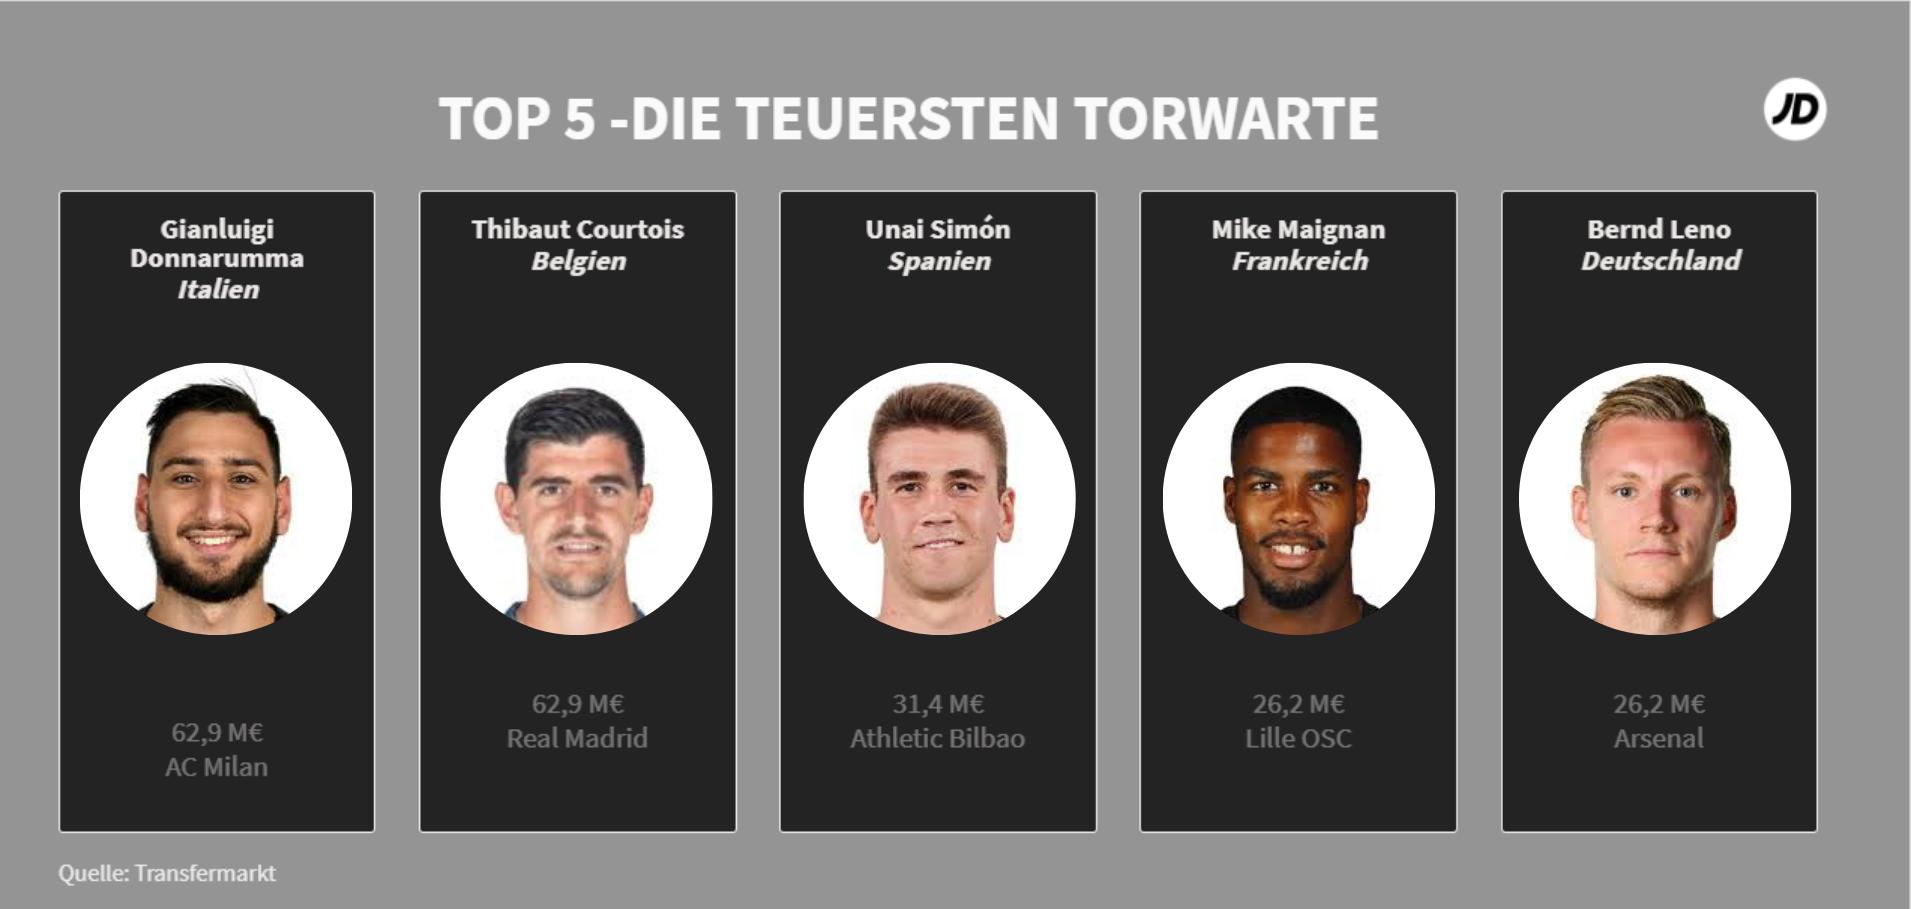 Top-5-Die-teuersten-Torwarte-der-EM-2020_JD-Sports